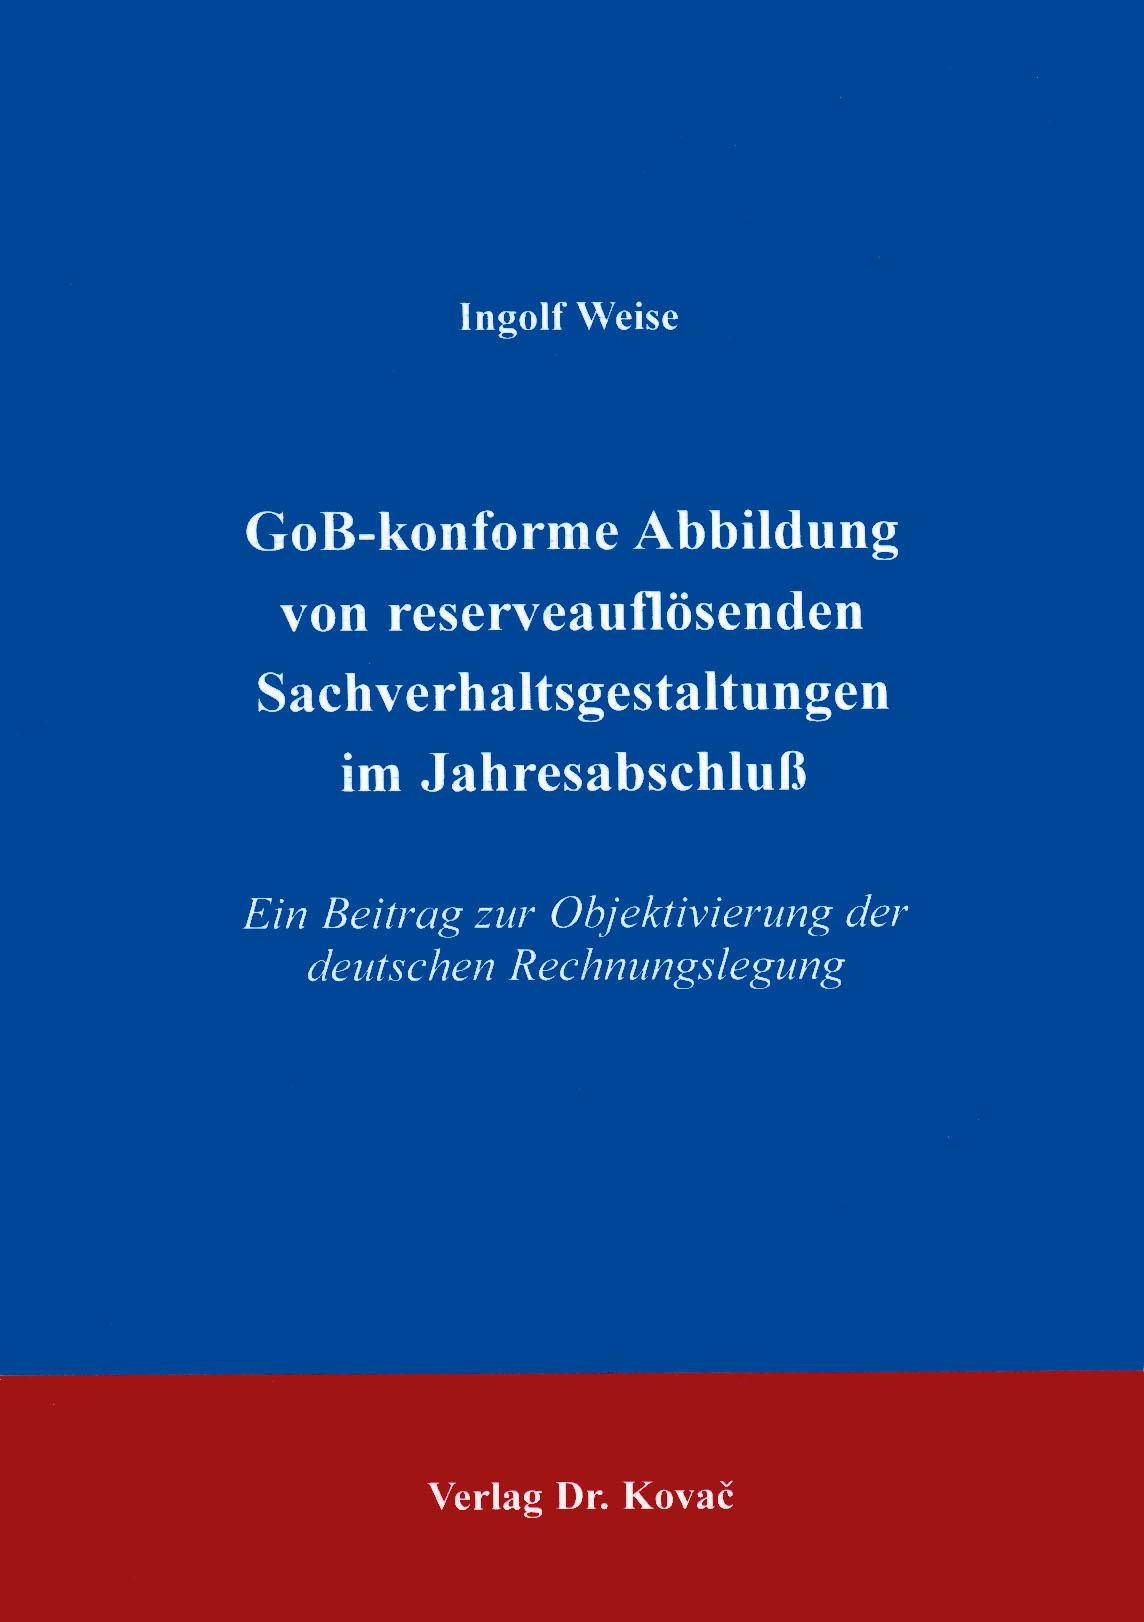 Cover: GoB-konforme Abbildung von reserveauflösenden Sachverhaltsgestaltungen im Jahresabschluß